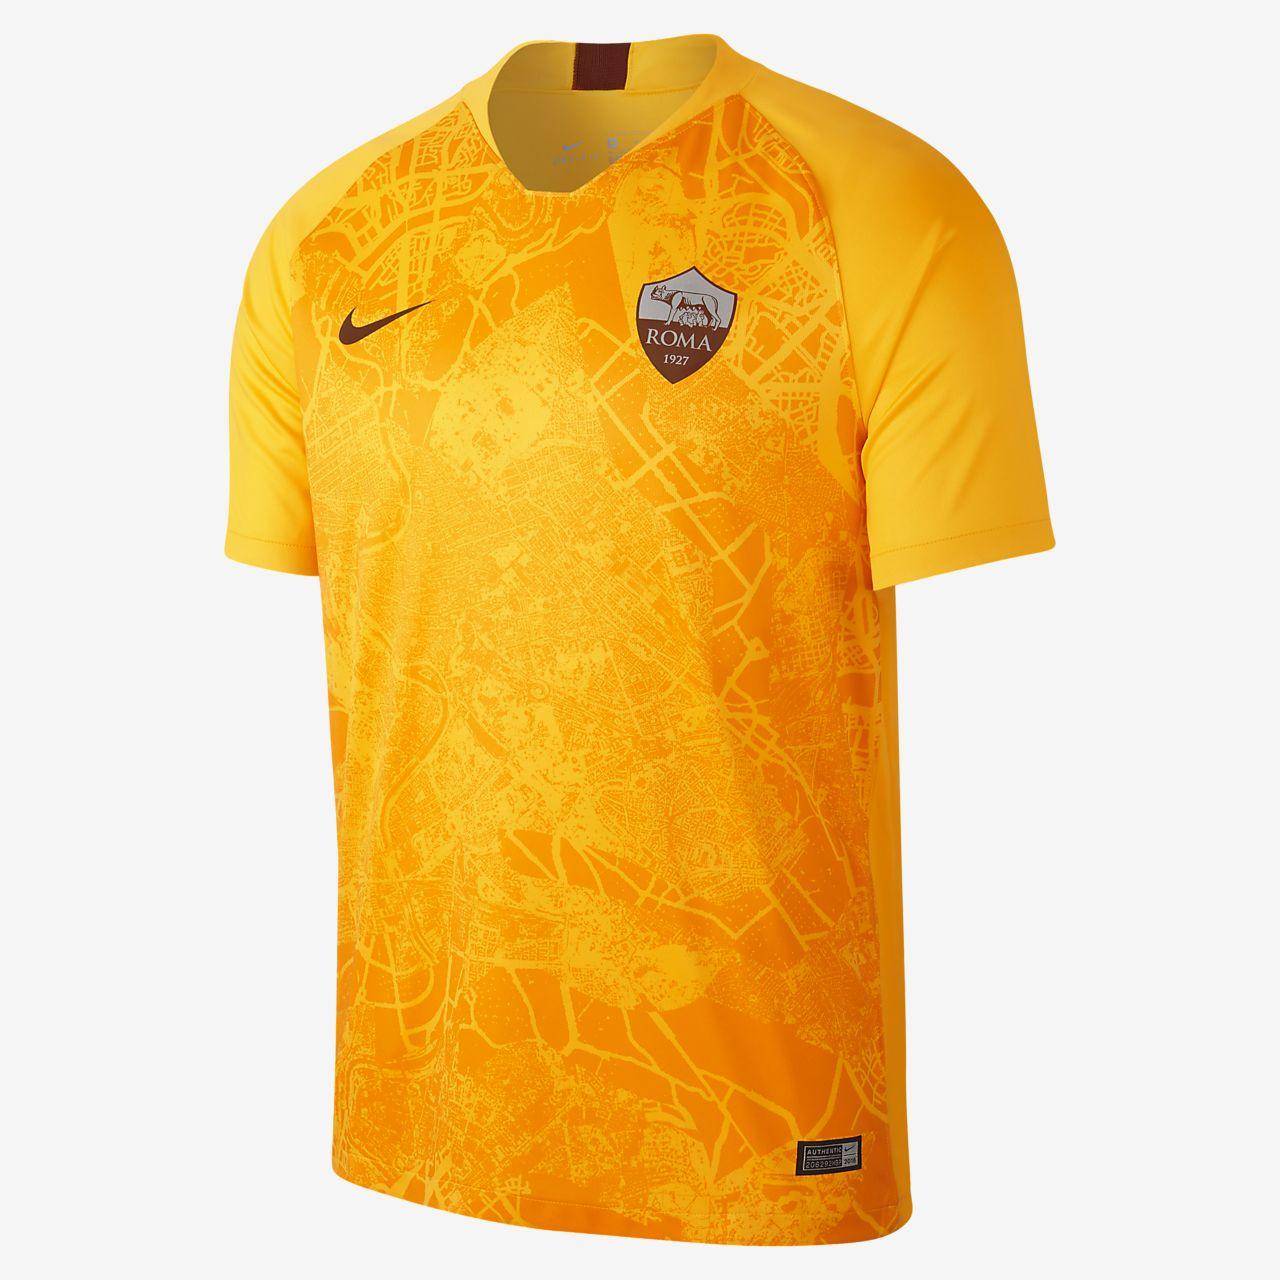 cbe81b754fb12 ... Camiseta de fútbol para hombre alternativa Stadium del A.S. Roma 2018 19